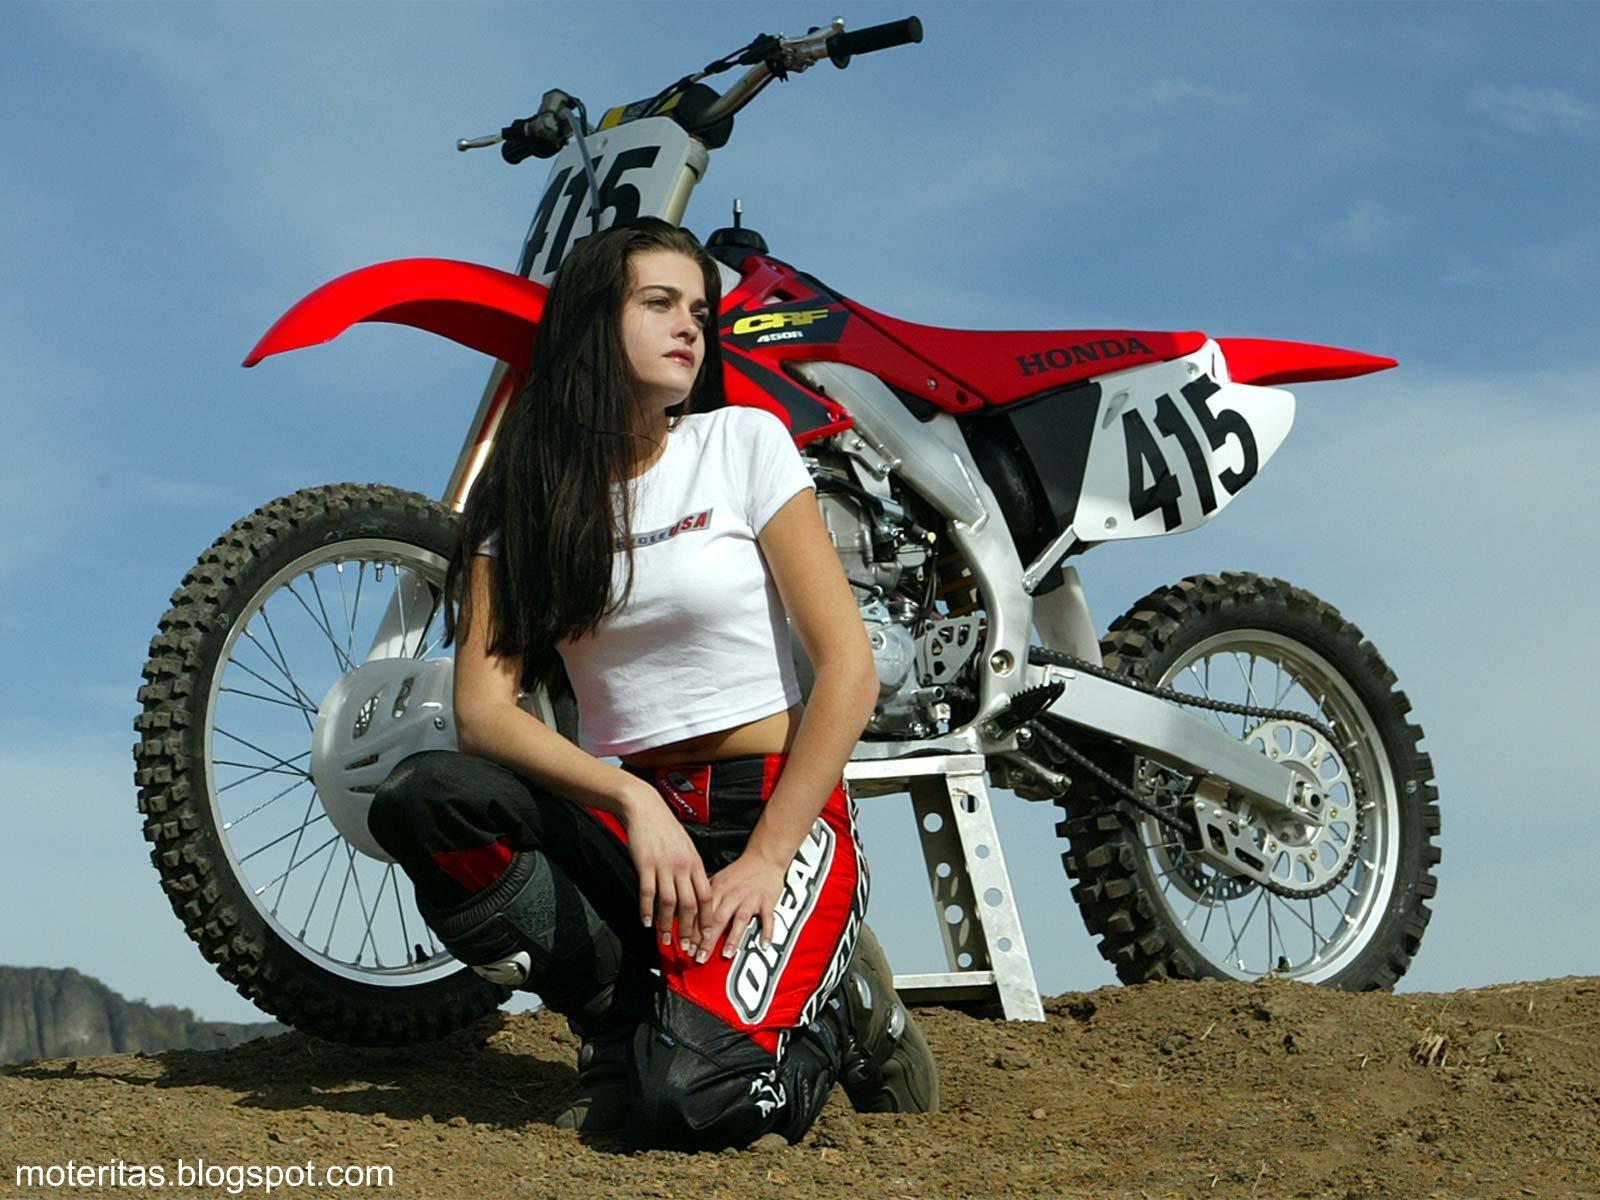 Девушки На Мотоциклах Фото - danrost